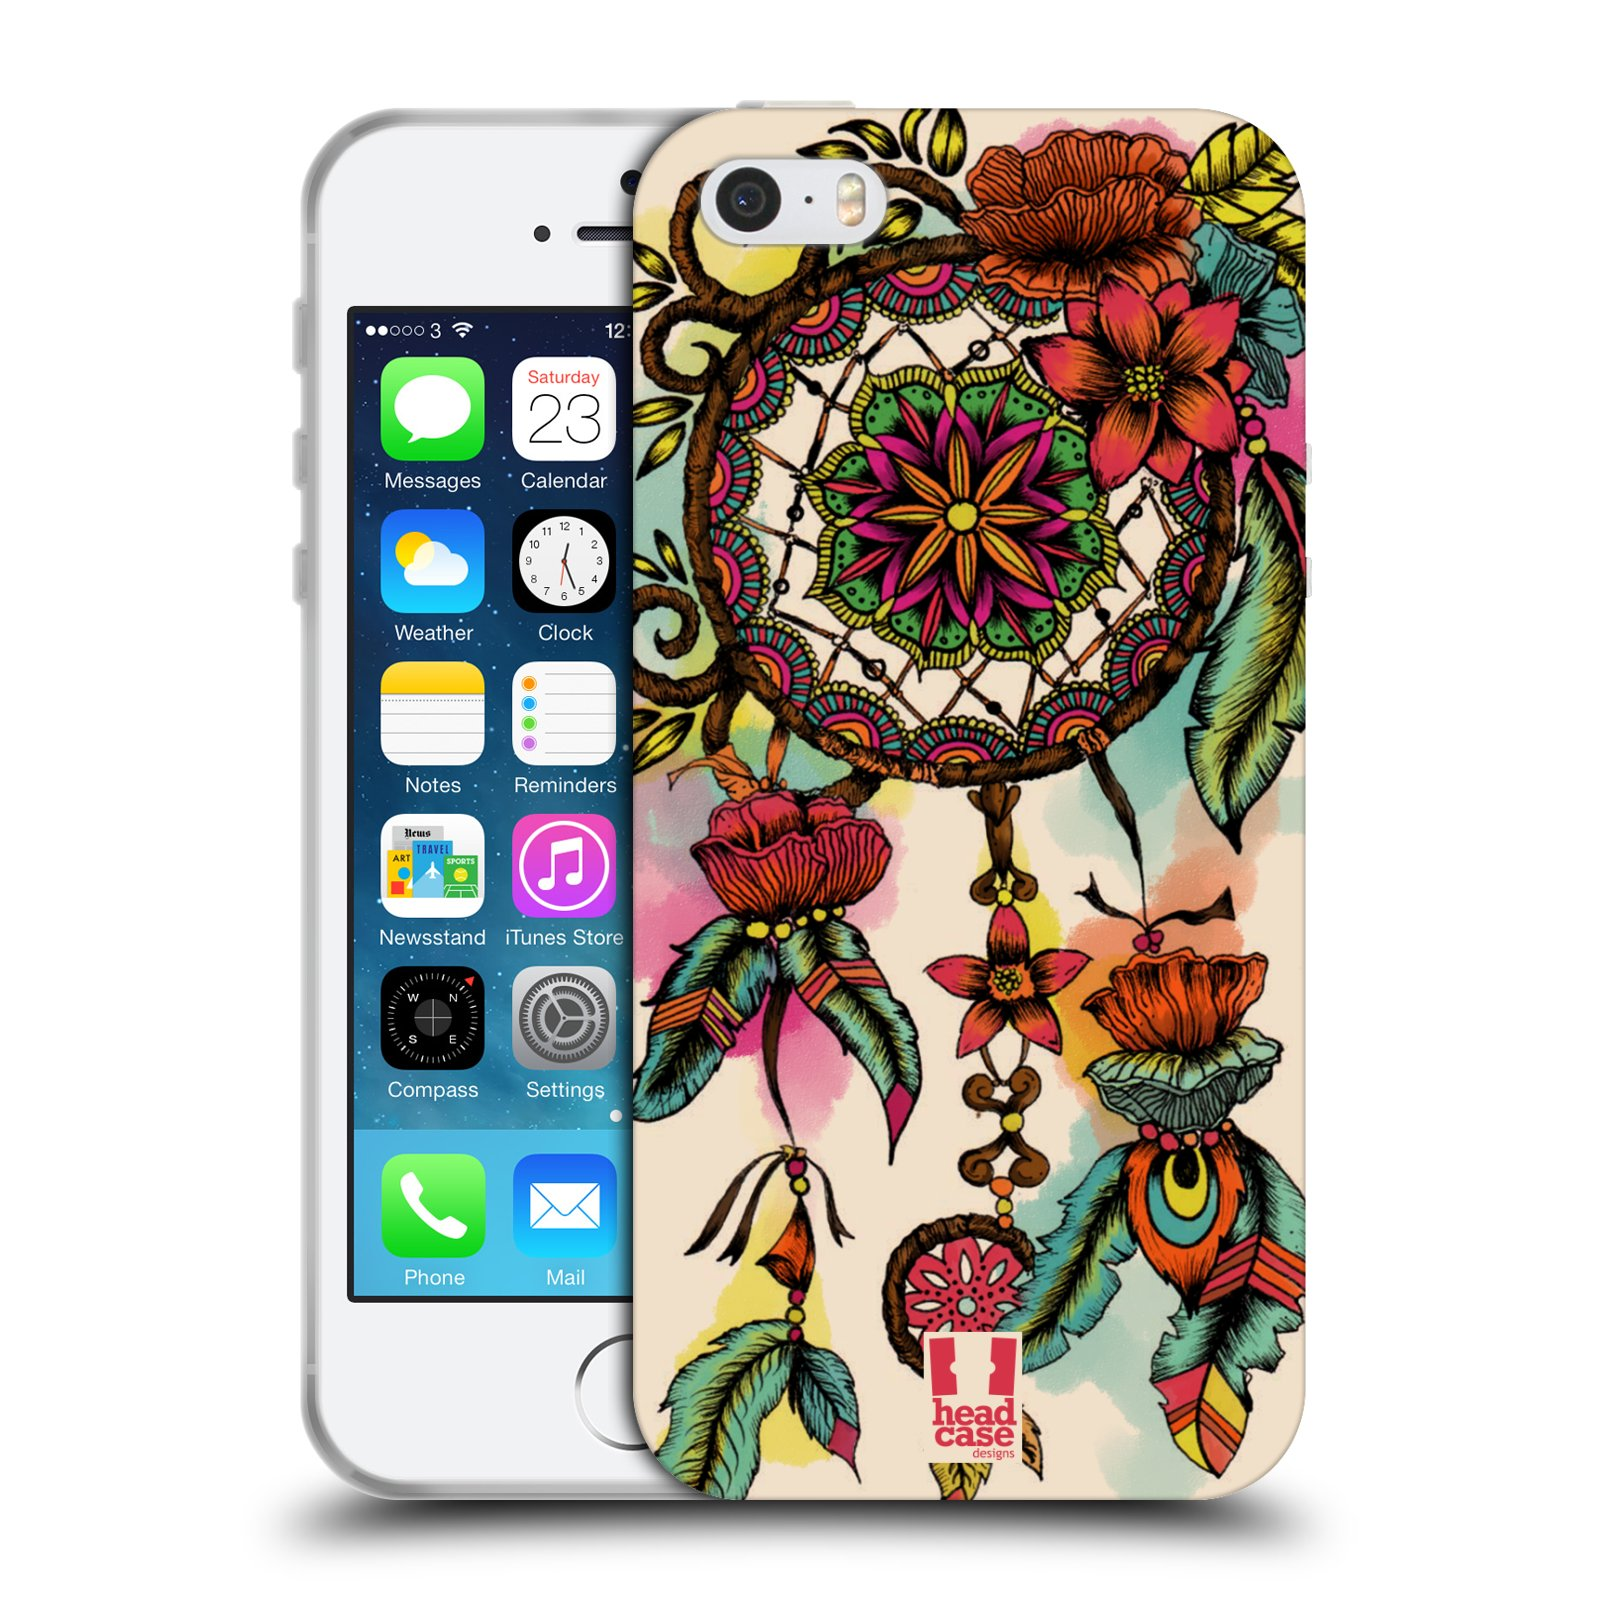 HEAD CASE silikonový obal na mobil Apple Iphone 5/5S vzor Květy lapač snů FLORID